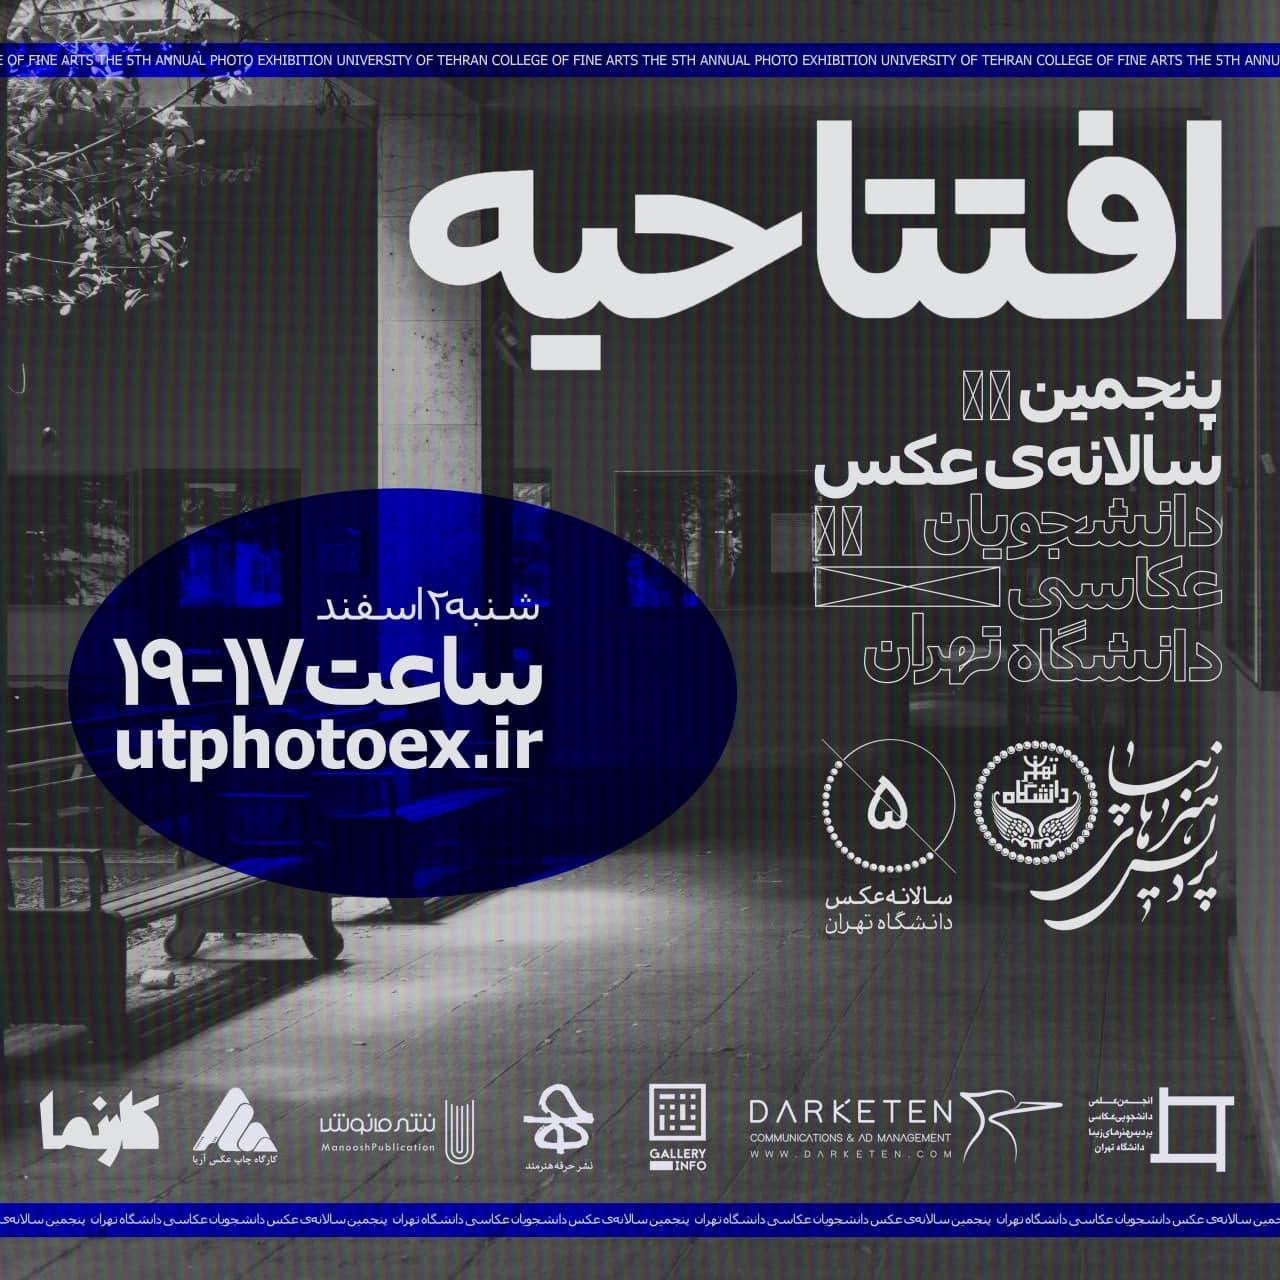 افتتاحیهی پنجمین سالانهی عکس دانشجویان عکاسی دانشگاه تهران